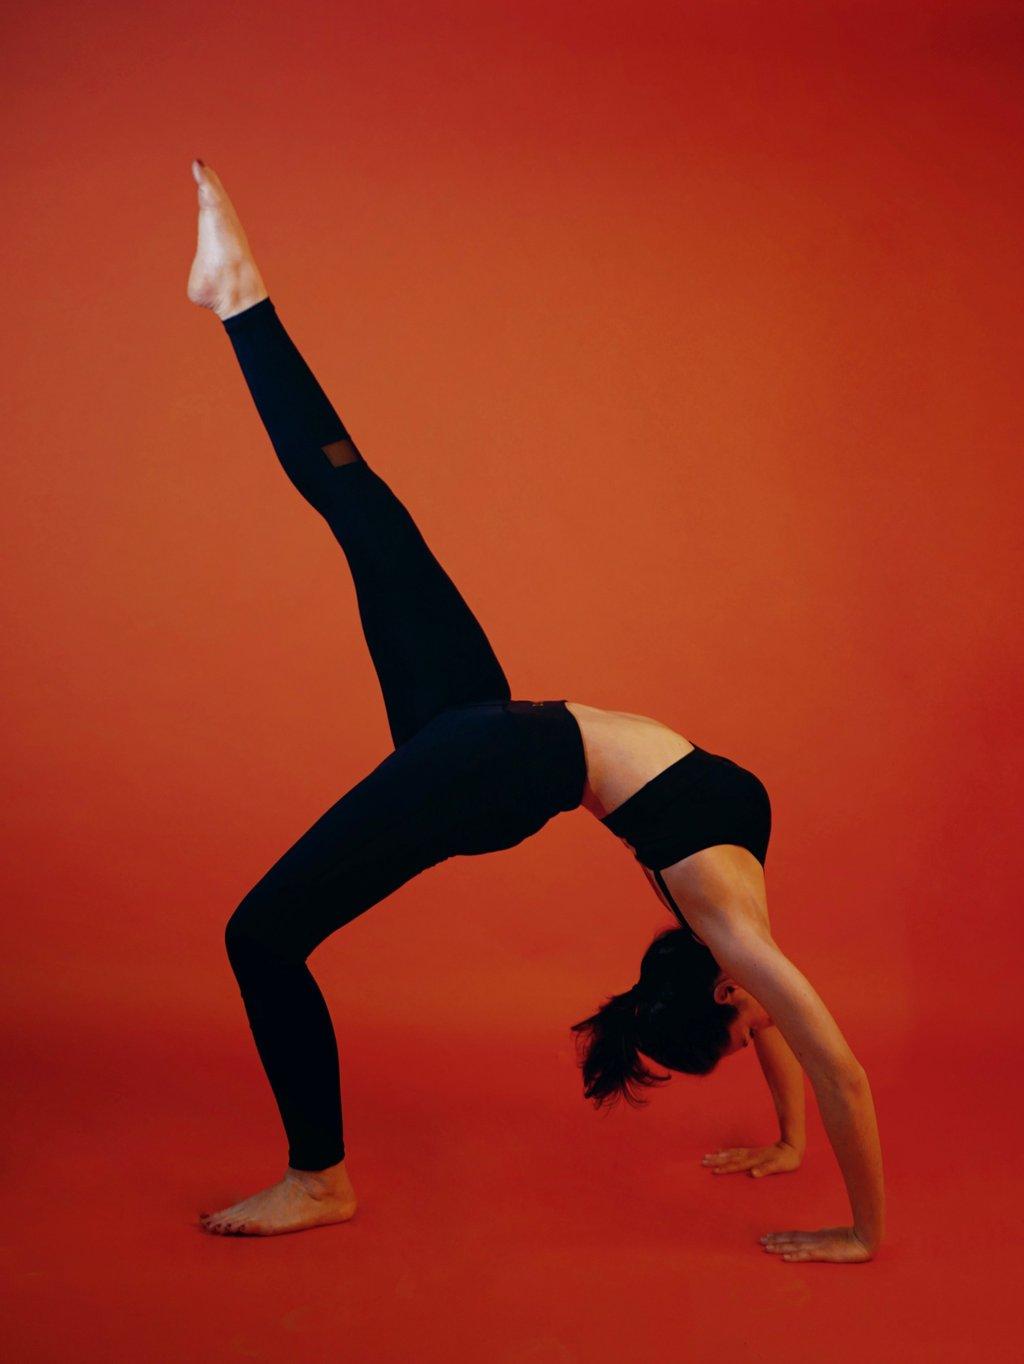 Cette image représente une femme faisant le pont de profil, elle a un pied levé. Elle porte une tenue de sport noir de la marque AZ/AR